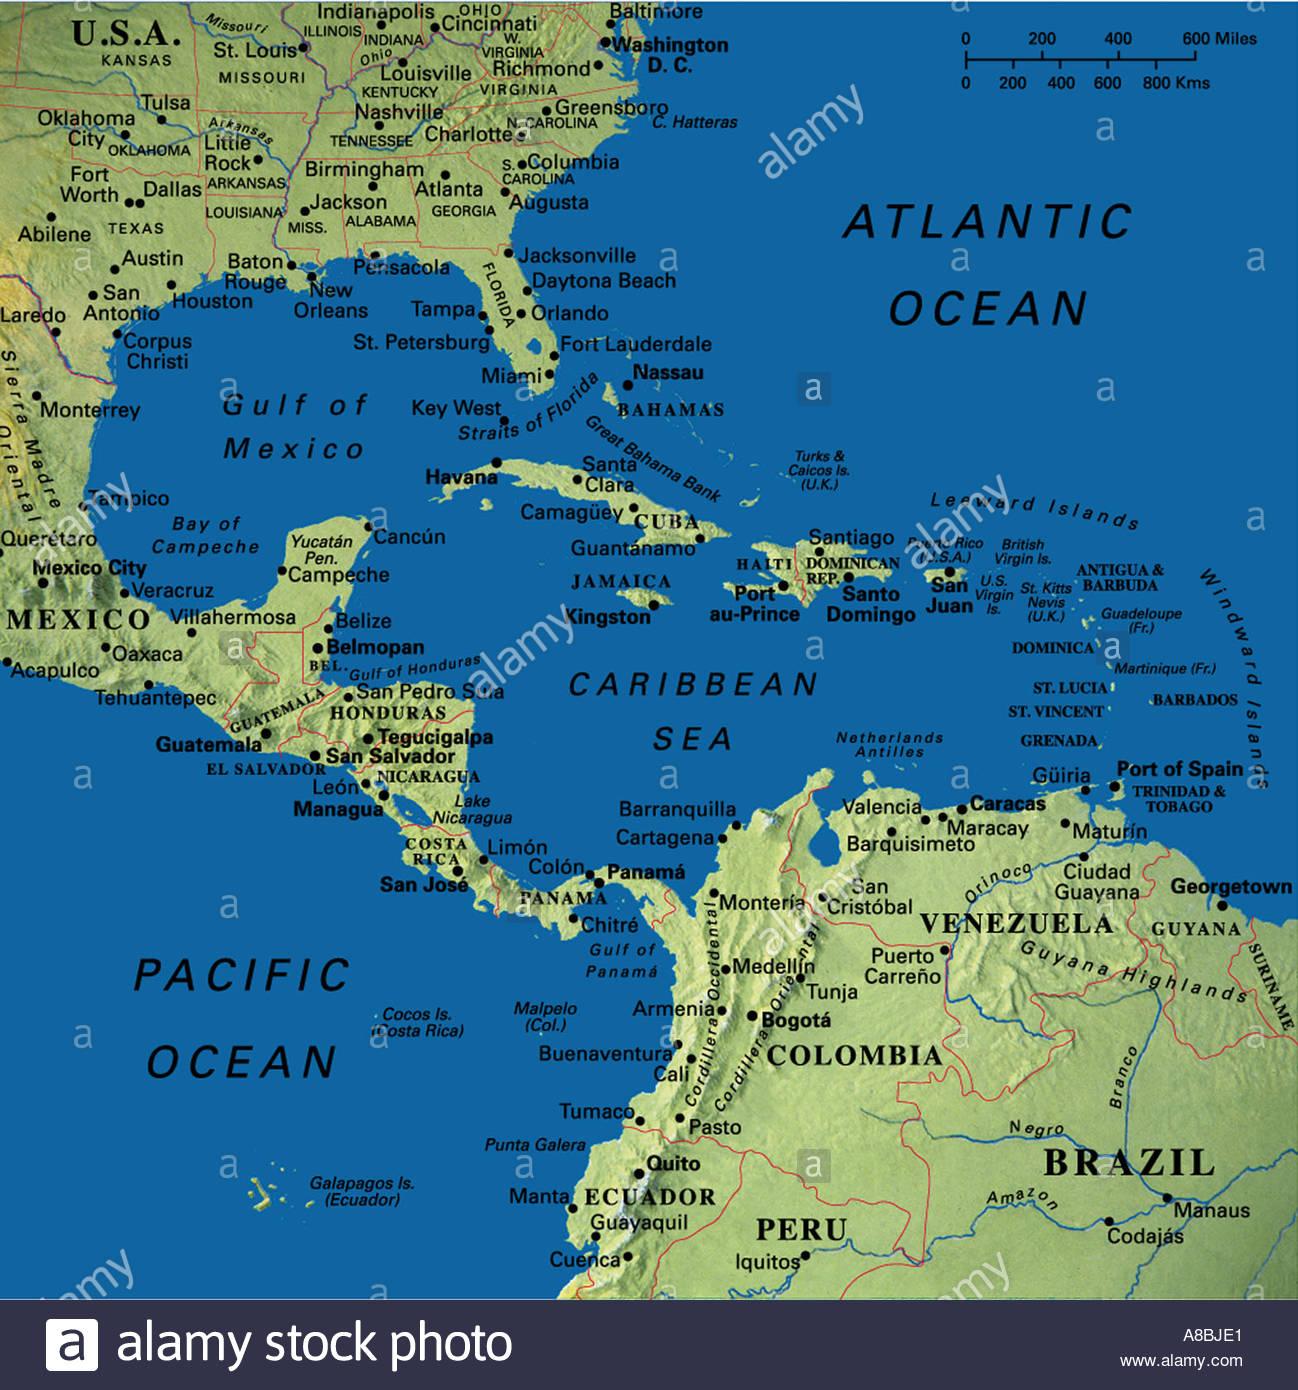 Carte Usa Canada Mexique.Cartes Carte Usa Canada Mexique Caraibes Cuba Amerique Du